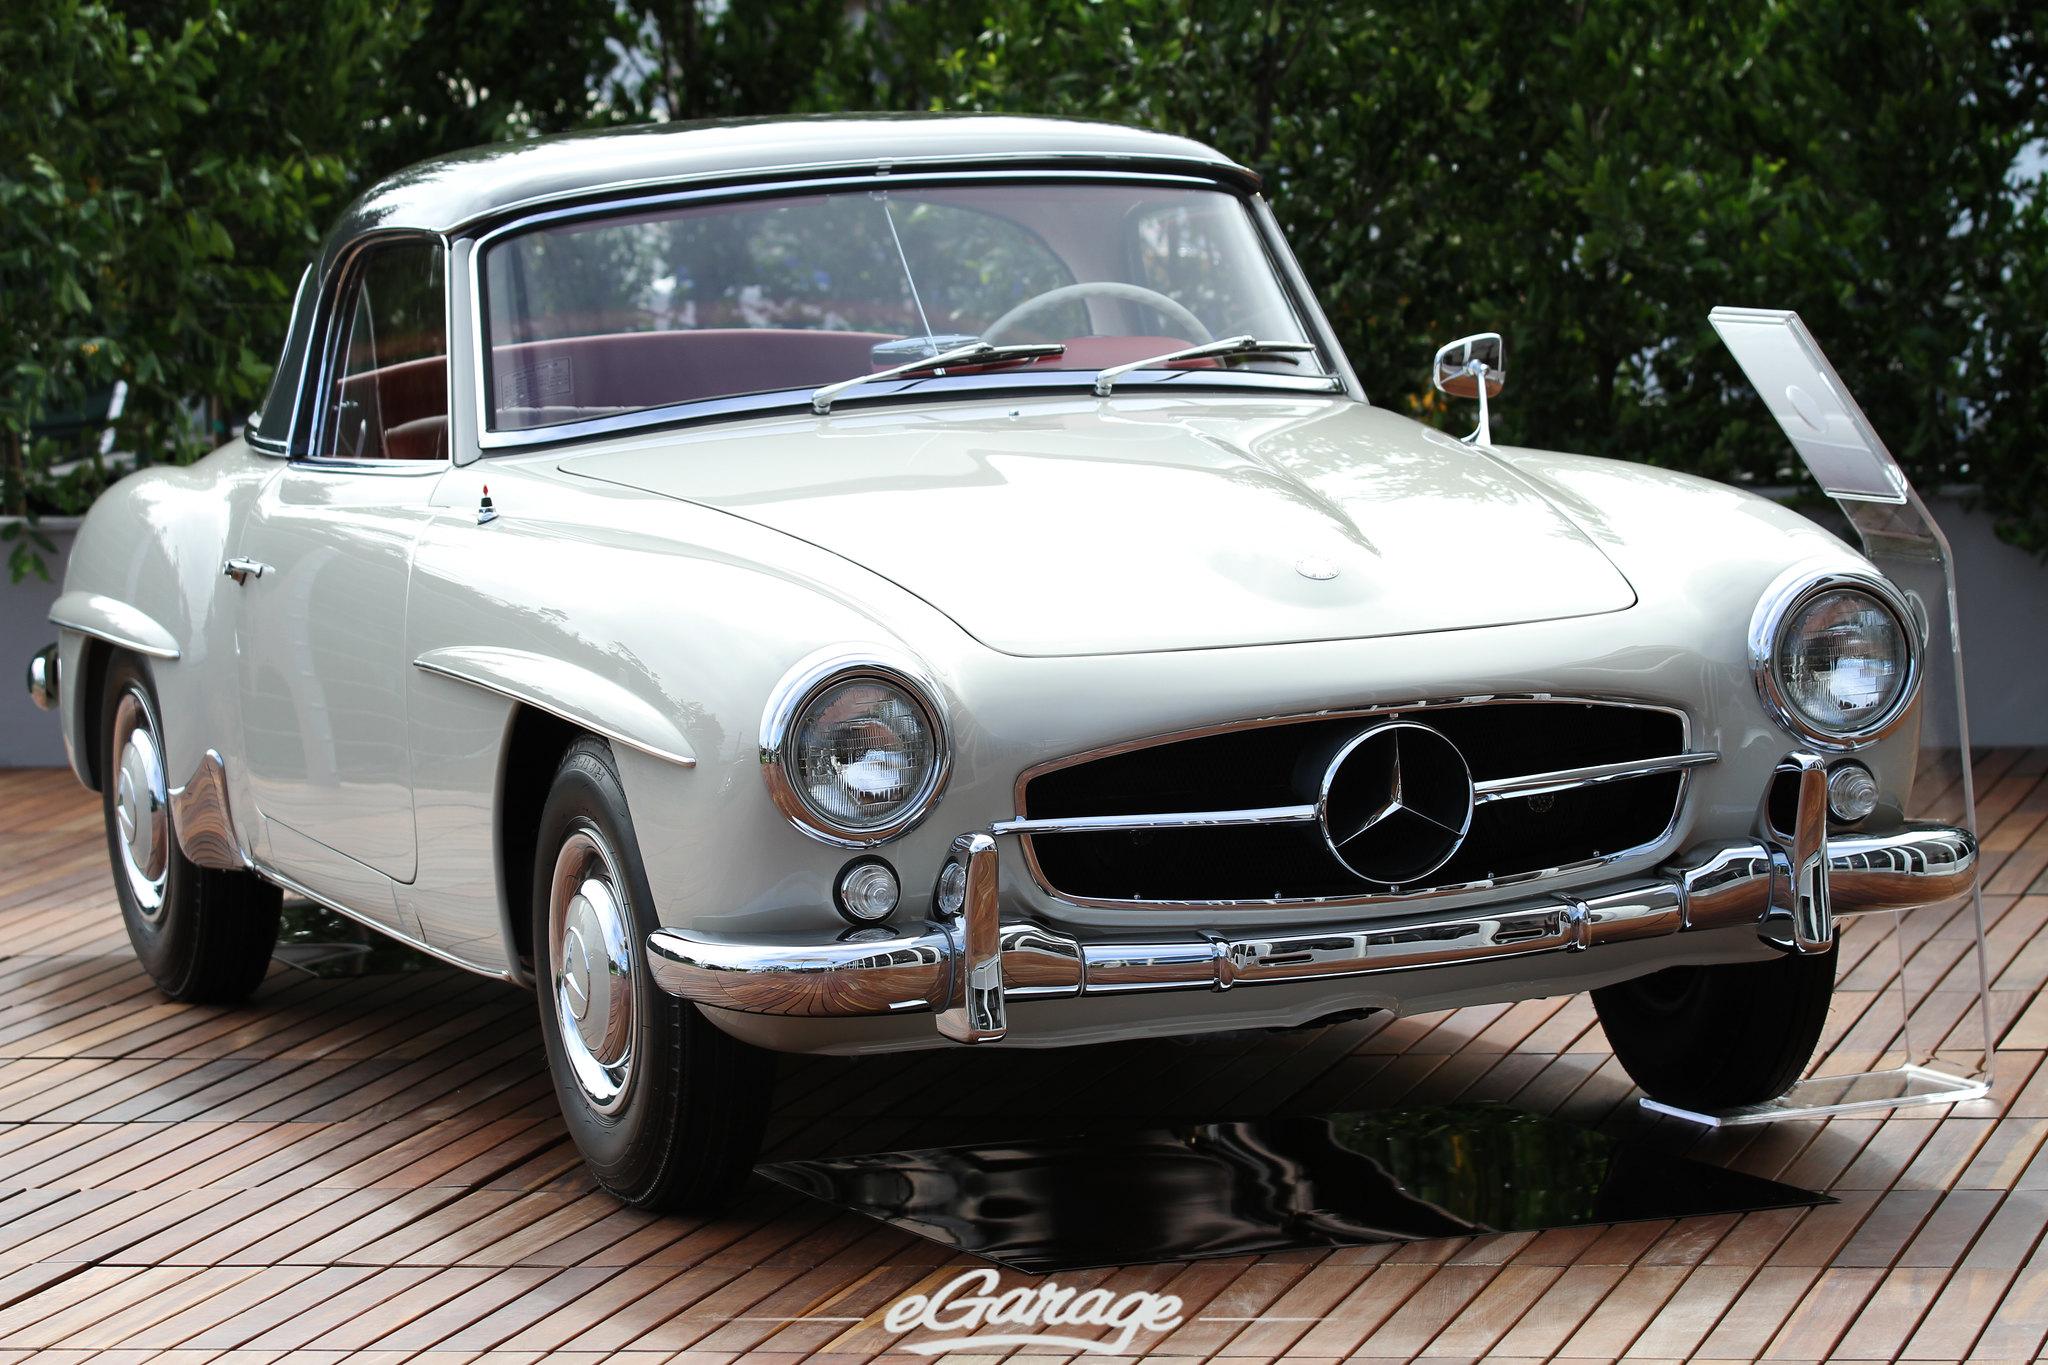 7828705164 df3a7d6b2d k Mercedes Benz Classic